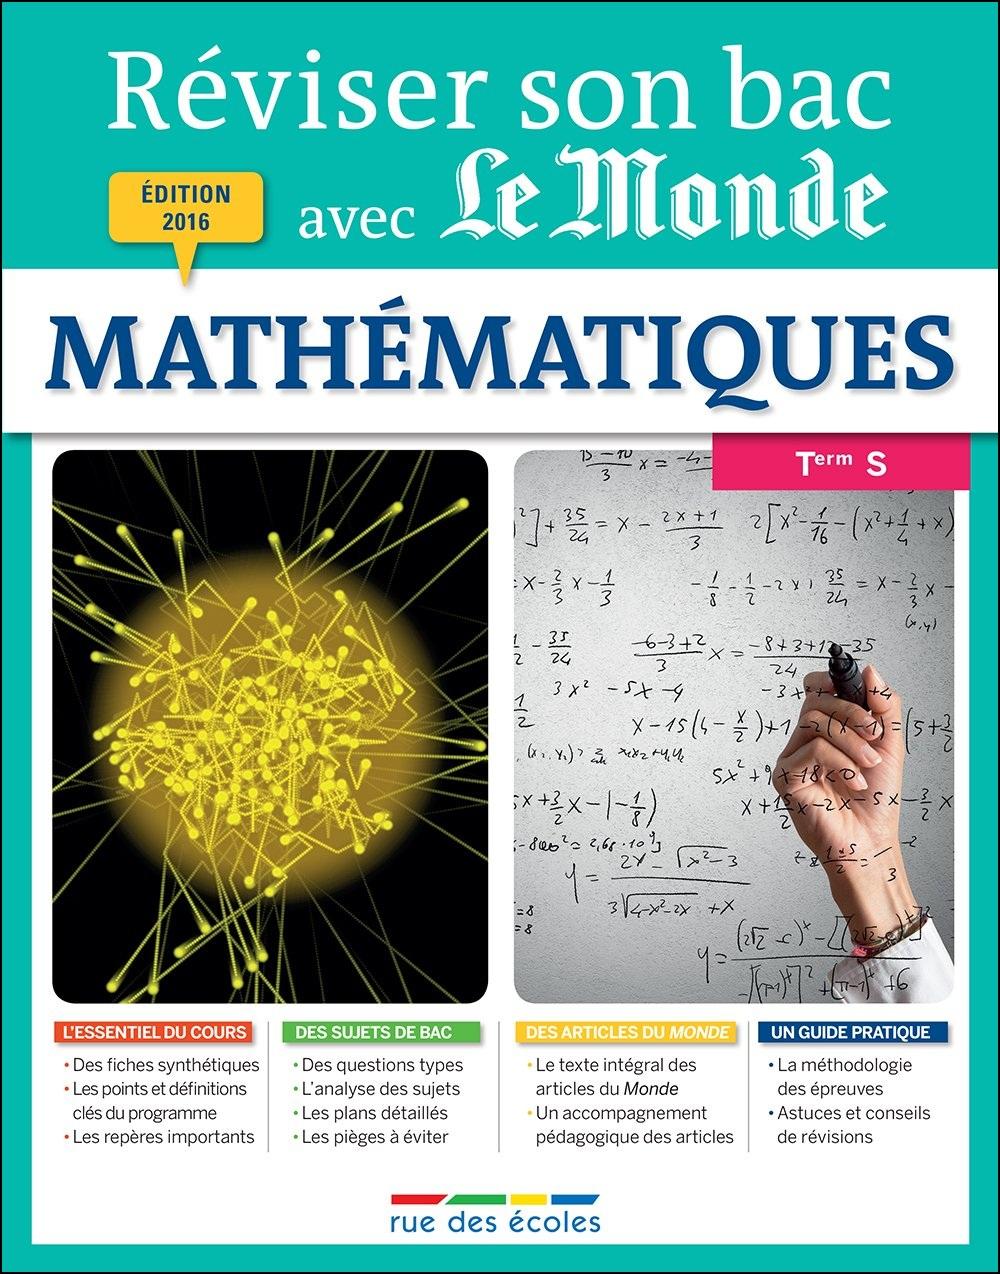 Réviser son bac avec Le Monde (2016) : Mathématiques TS